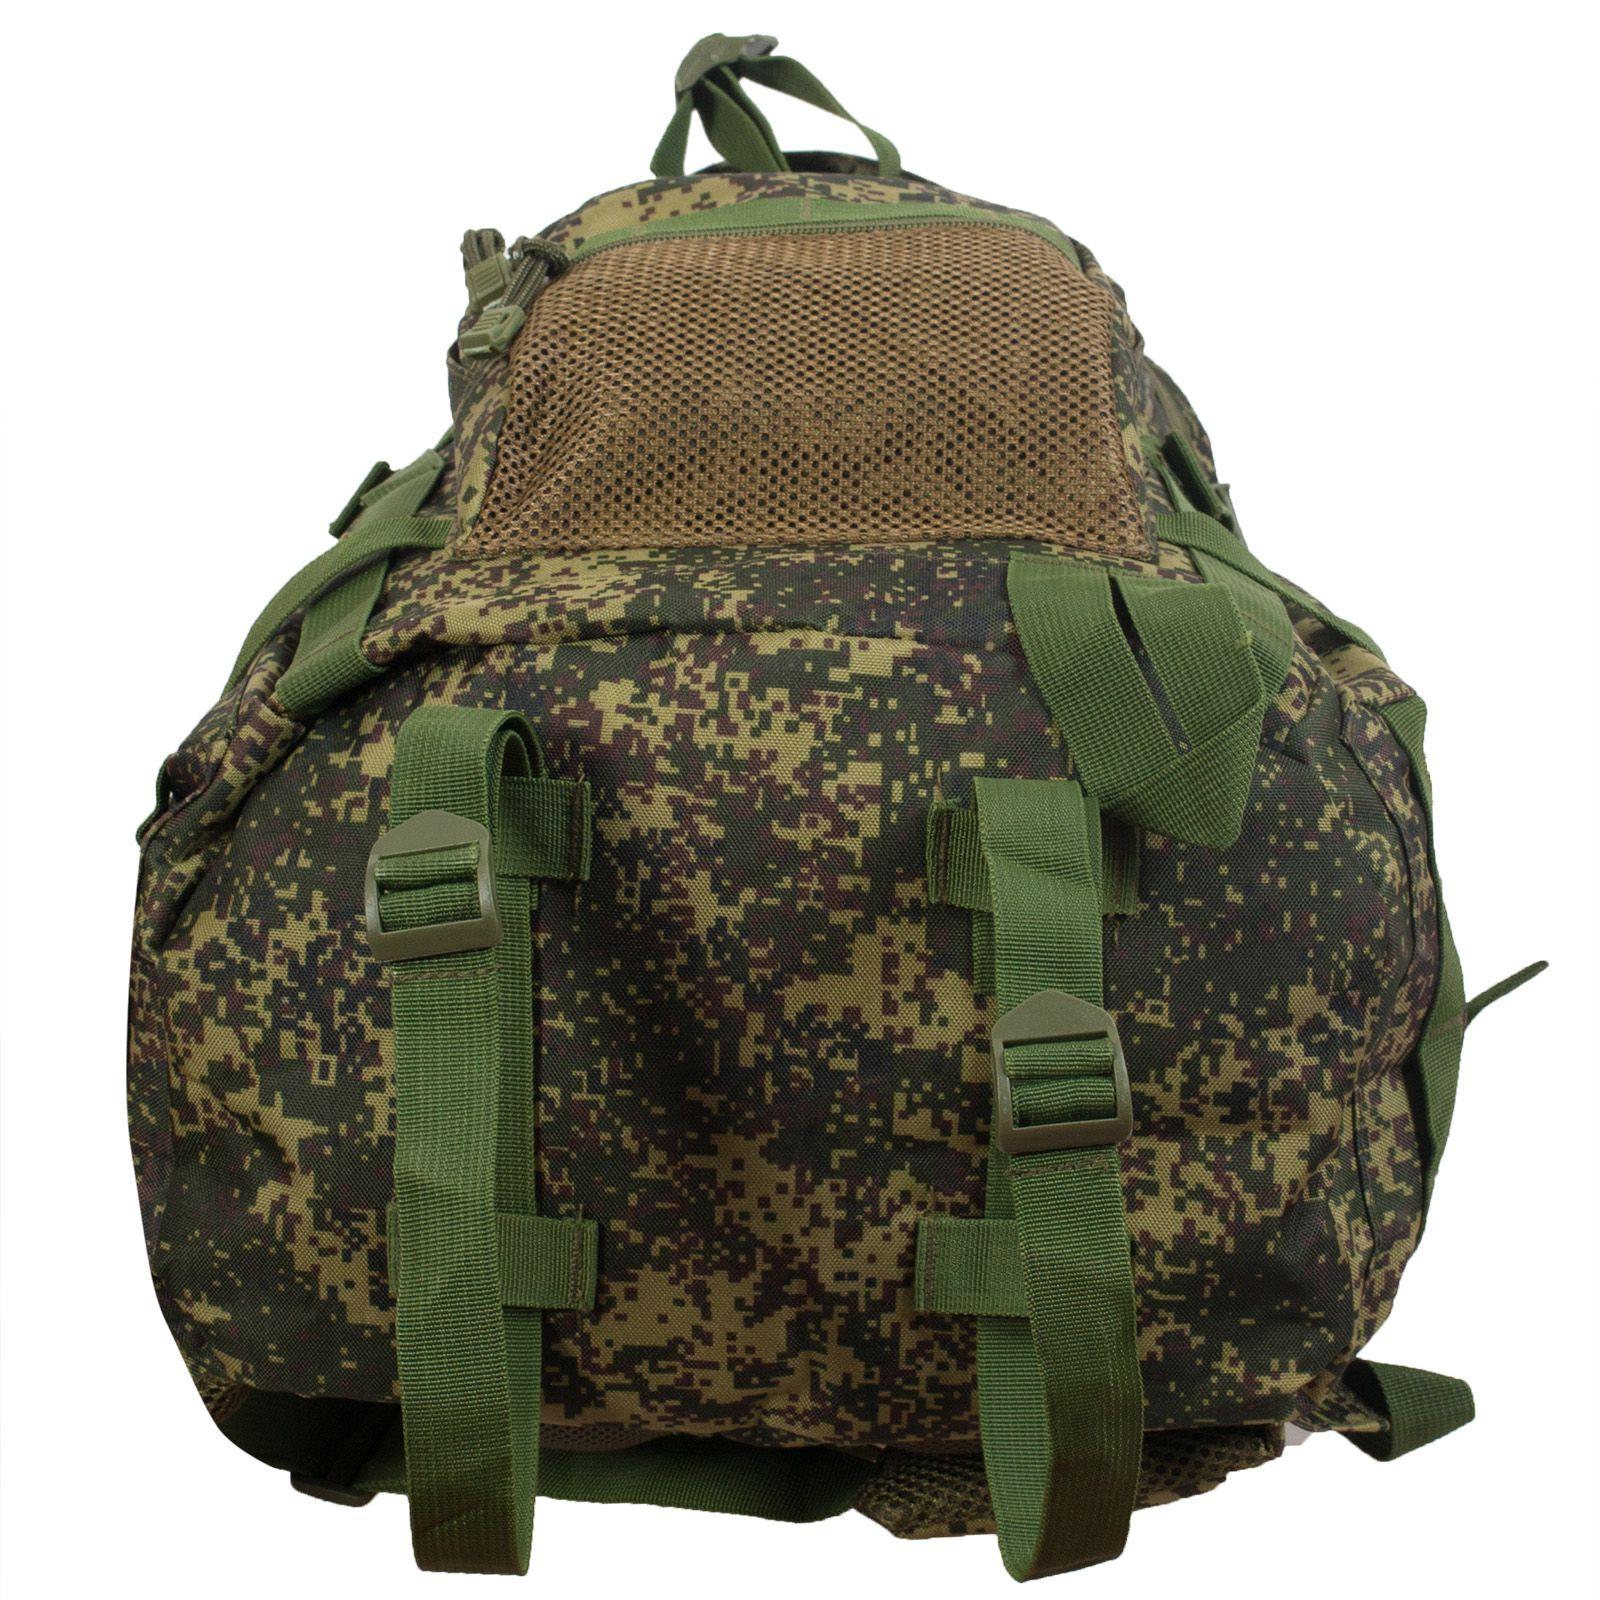 Рейдовый камуфляжный рюкзак с нашивкой УГРО - купить в розницу